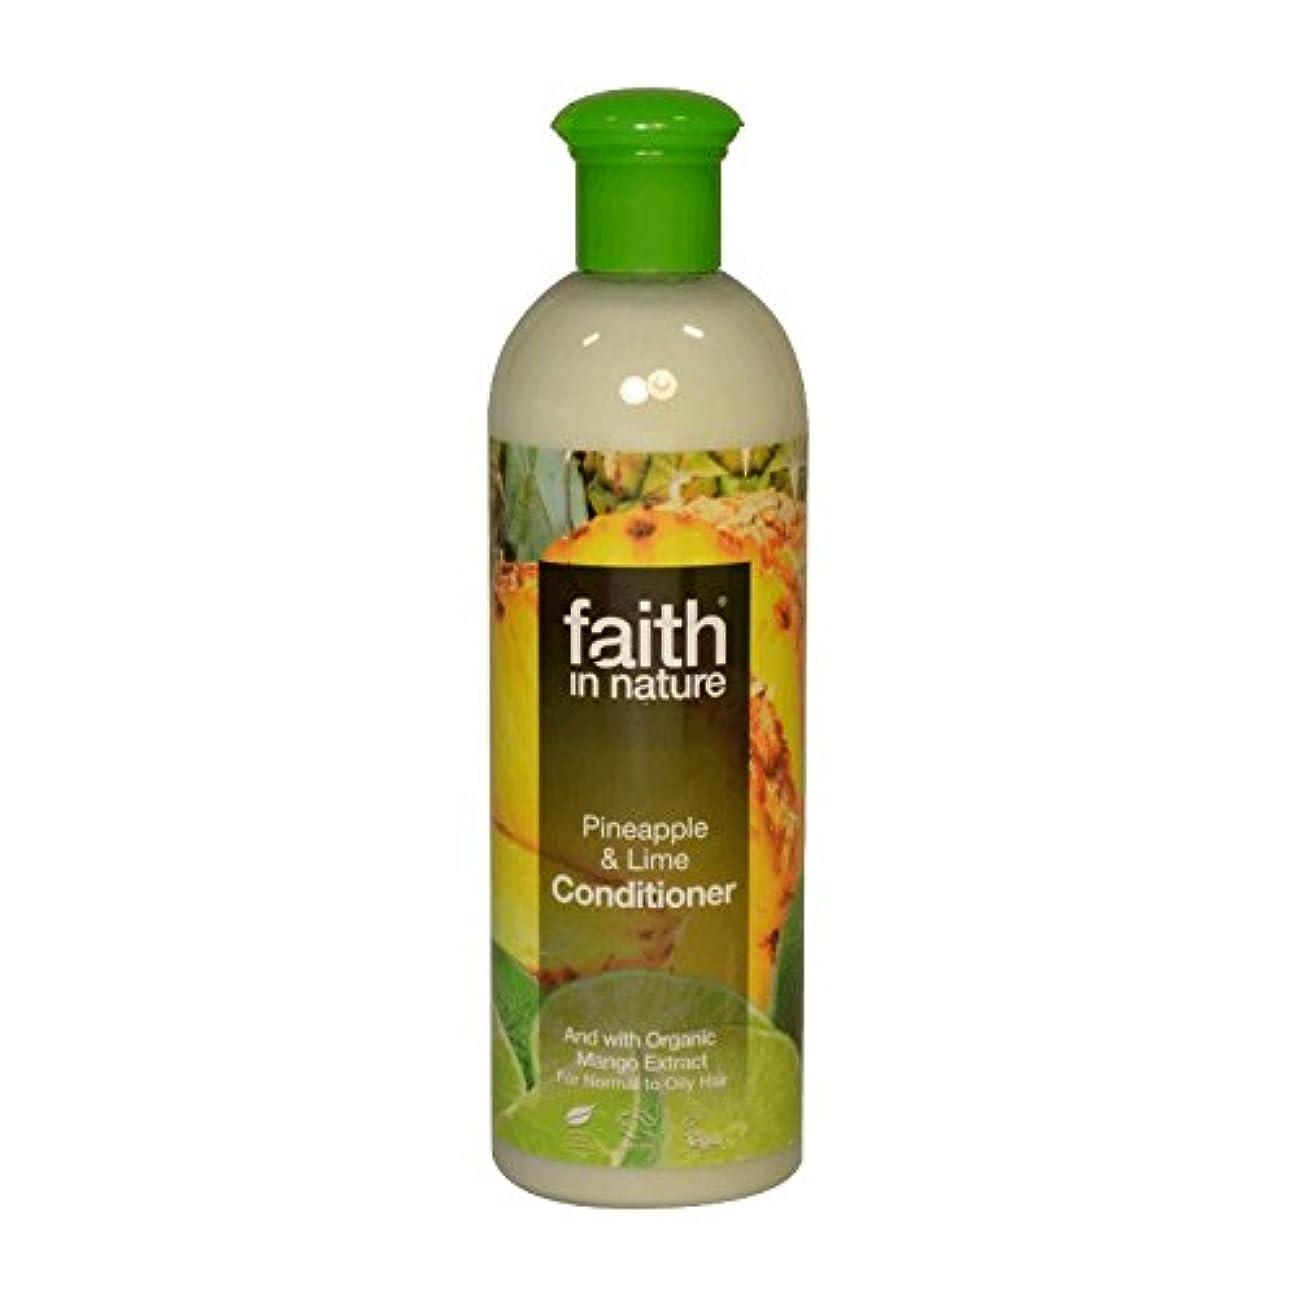 イブニングお世話になった敬なFaith in Nature Pineapple & Lime Conditioner 400ml (Pack of 2) - 自然パイナップル&ライムコンディショナー400ミリリットルの信仰 (x2) [並行輸入品]